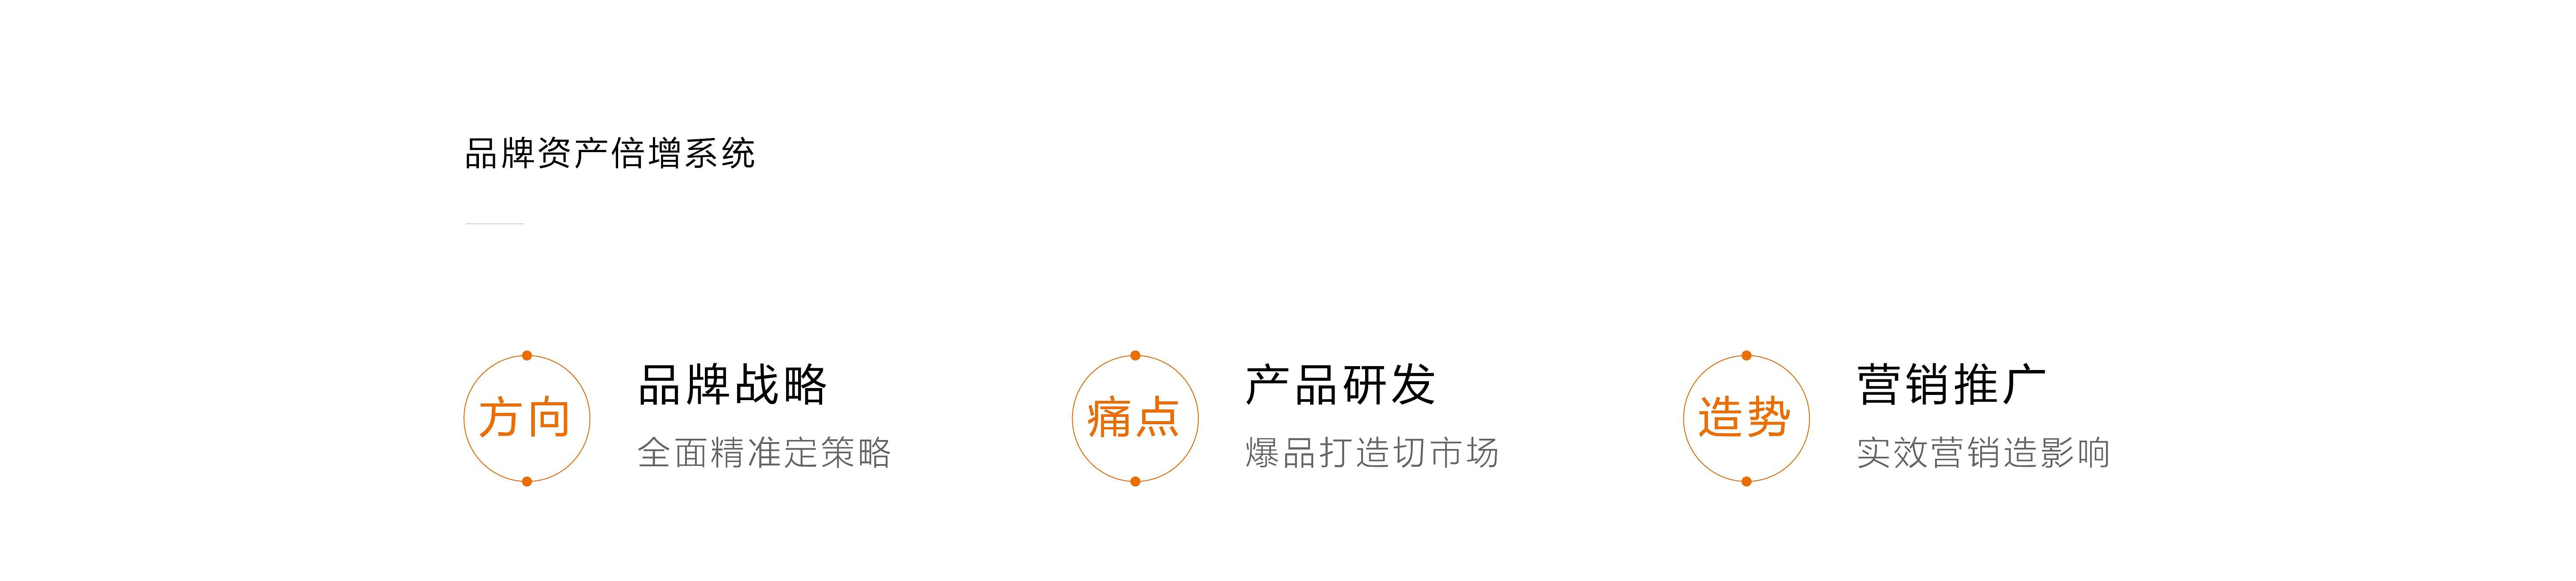 网站【旷达】优势和流程-06.jpg